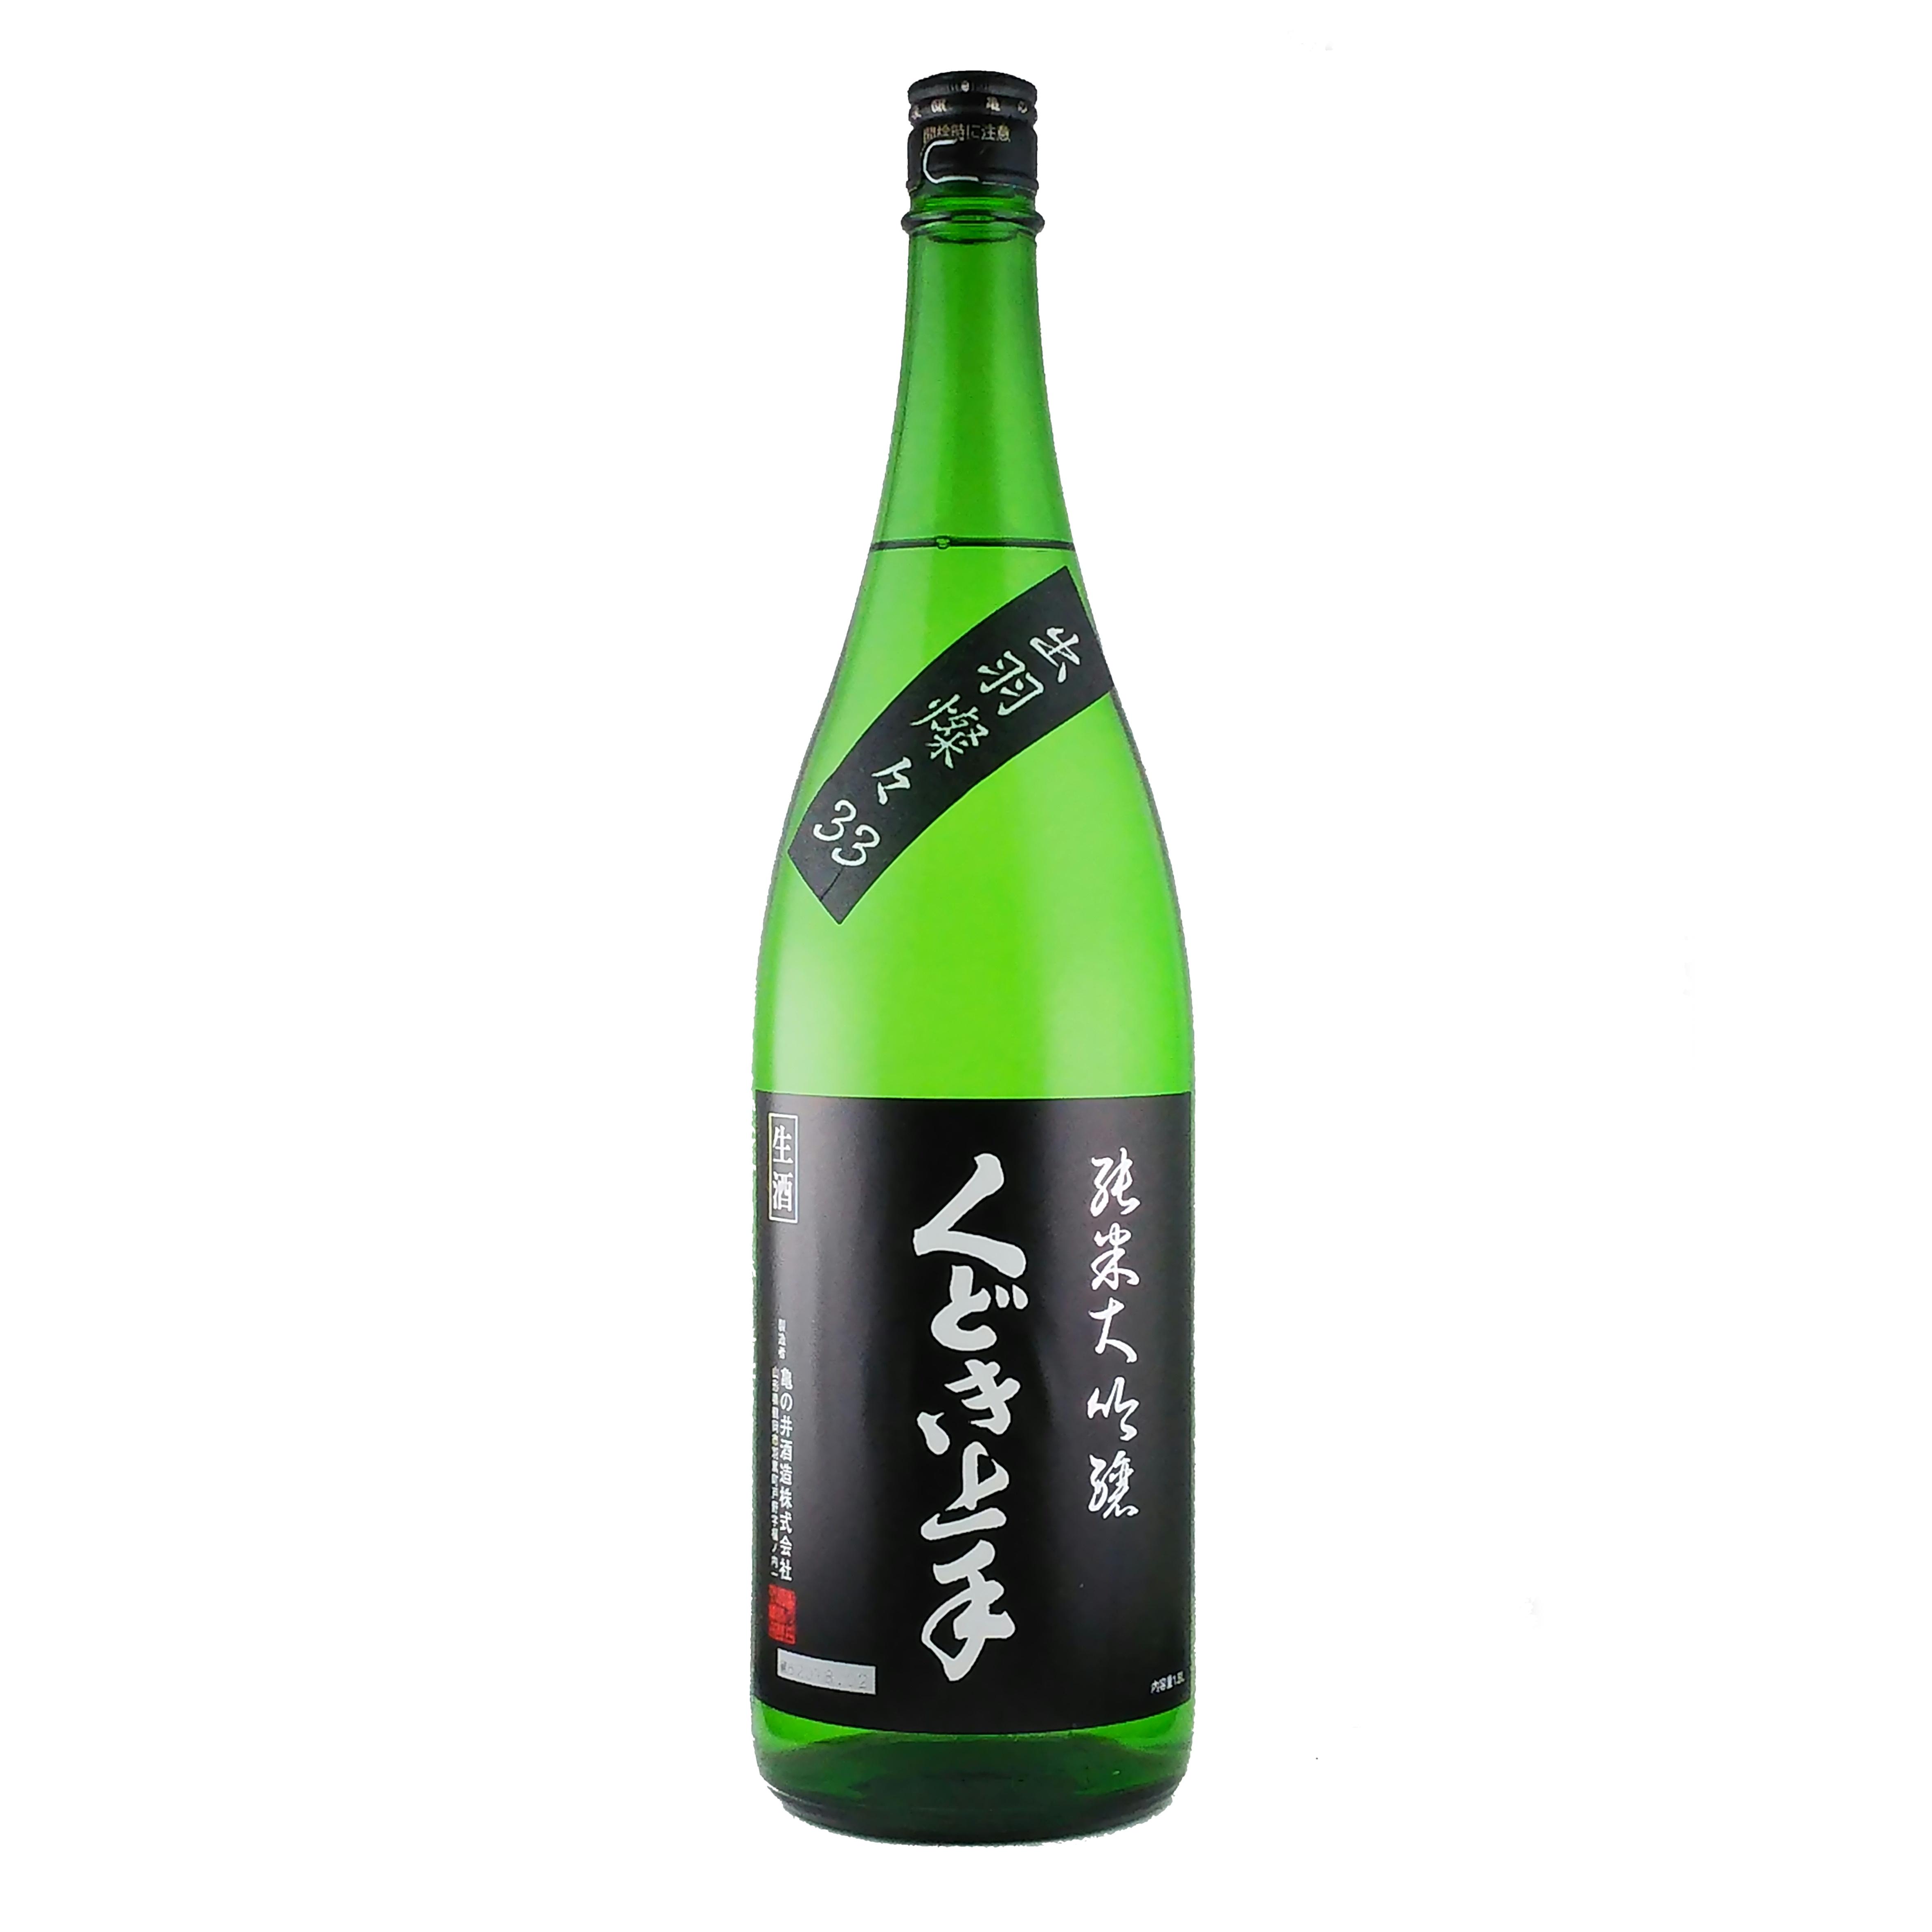 くどき上手 出羽燦々磨き33 純米大吟醸 生酒 1800ml